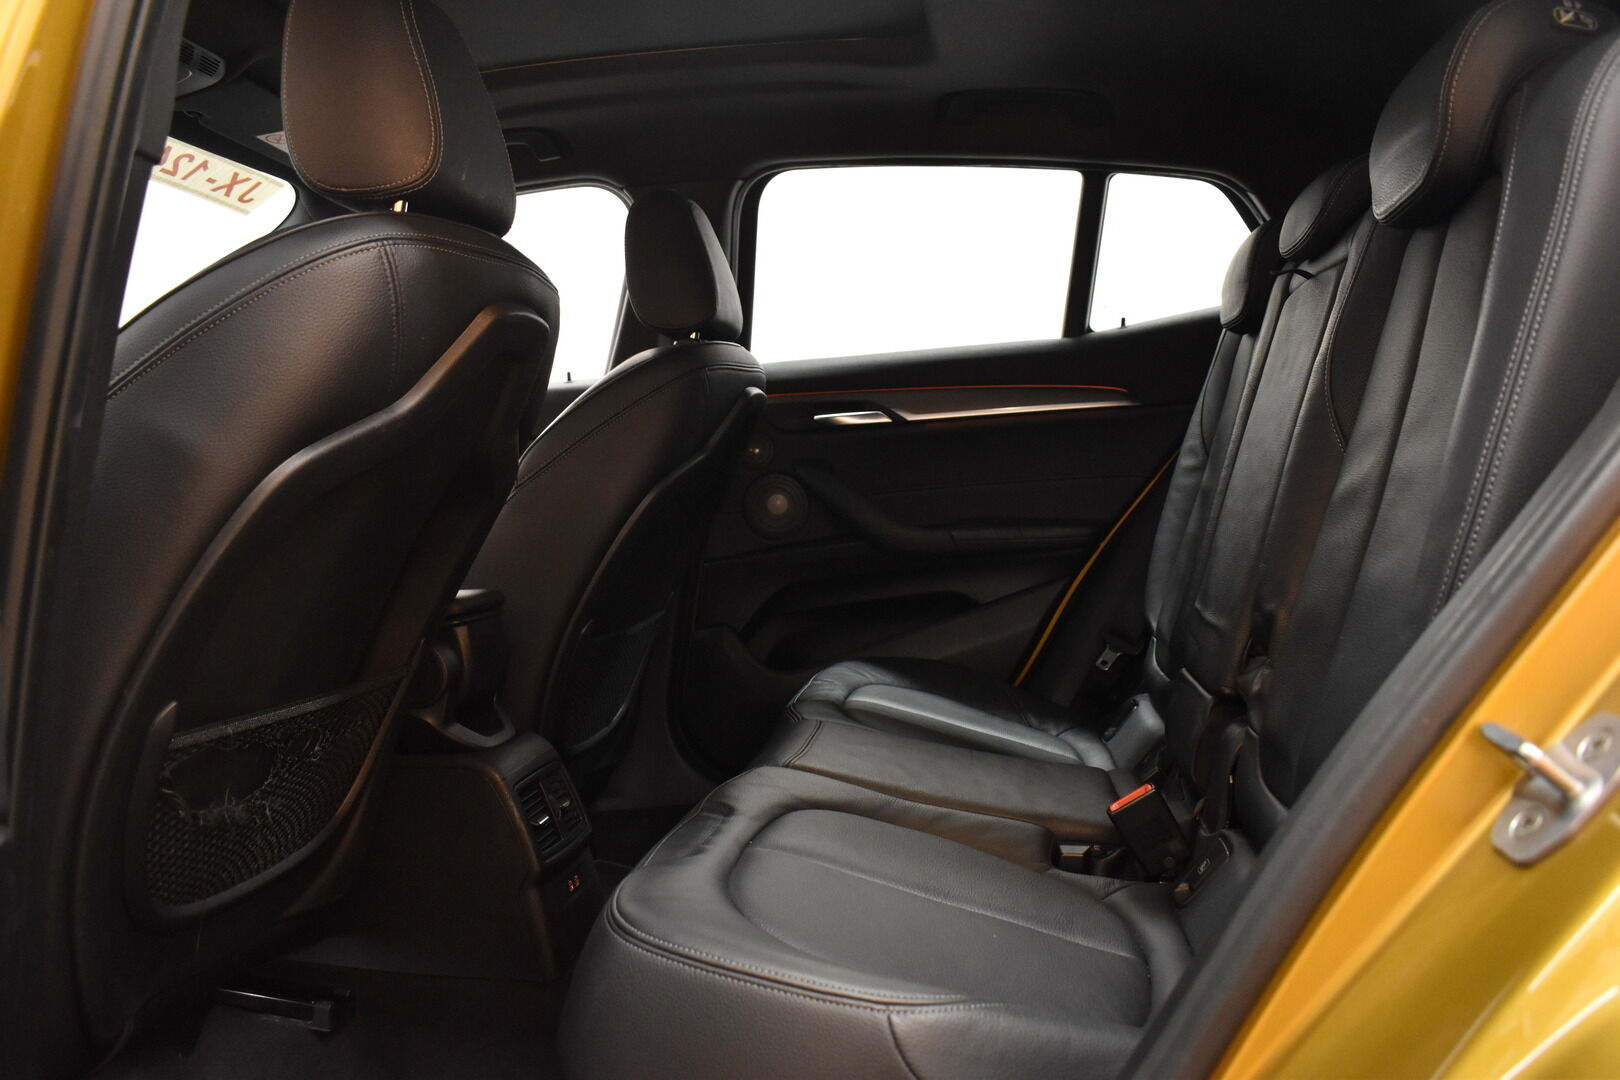 Keltainen Maastoauto, BMW X2 – LAH-64417, kuva 9